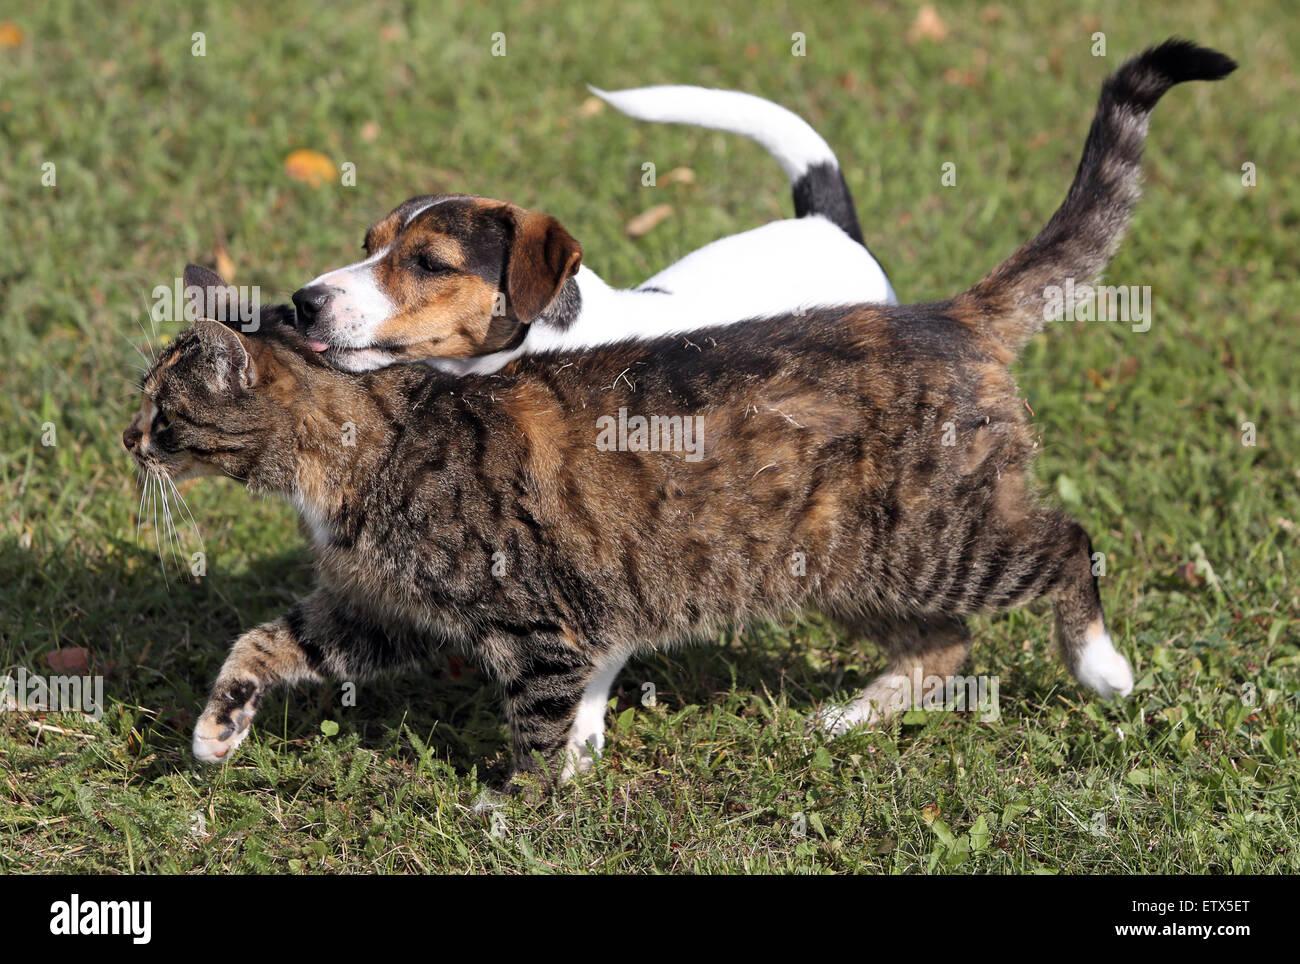 Görlsdorf, Deutschland, Jack Russell Terrier und Hauskatze friedlich nebeneinander laufen Stockbild